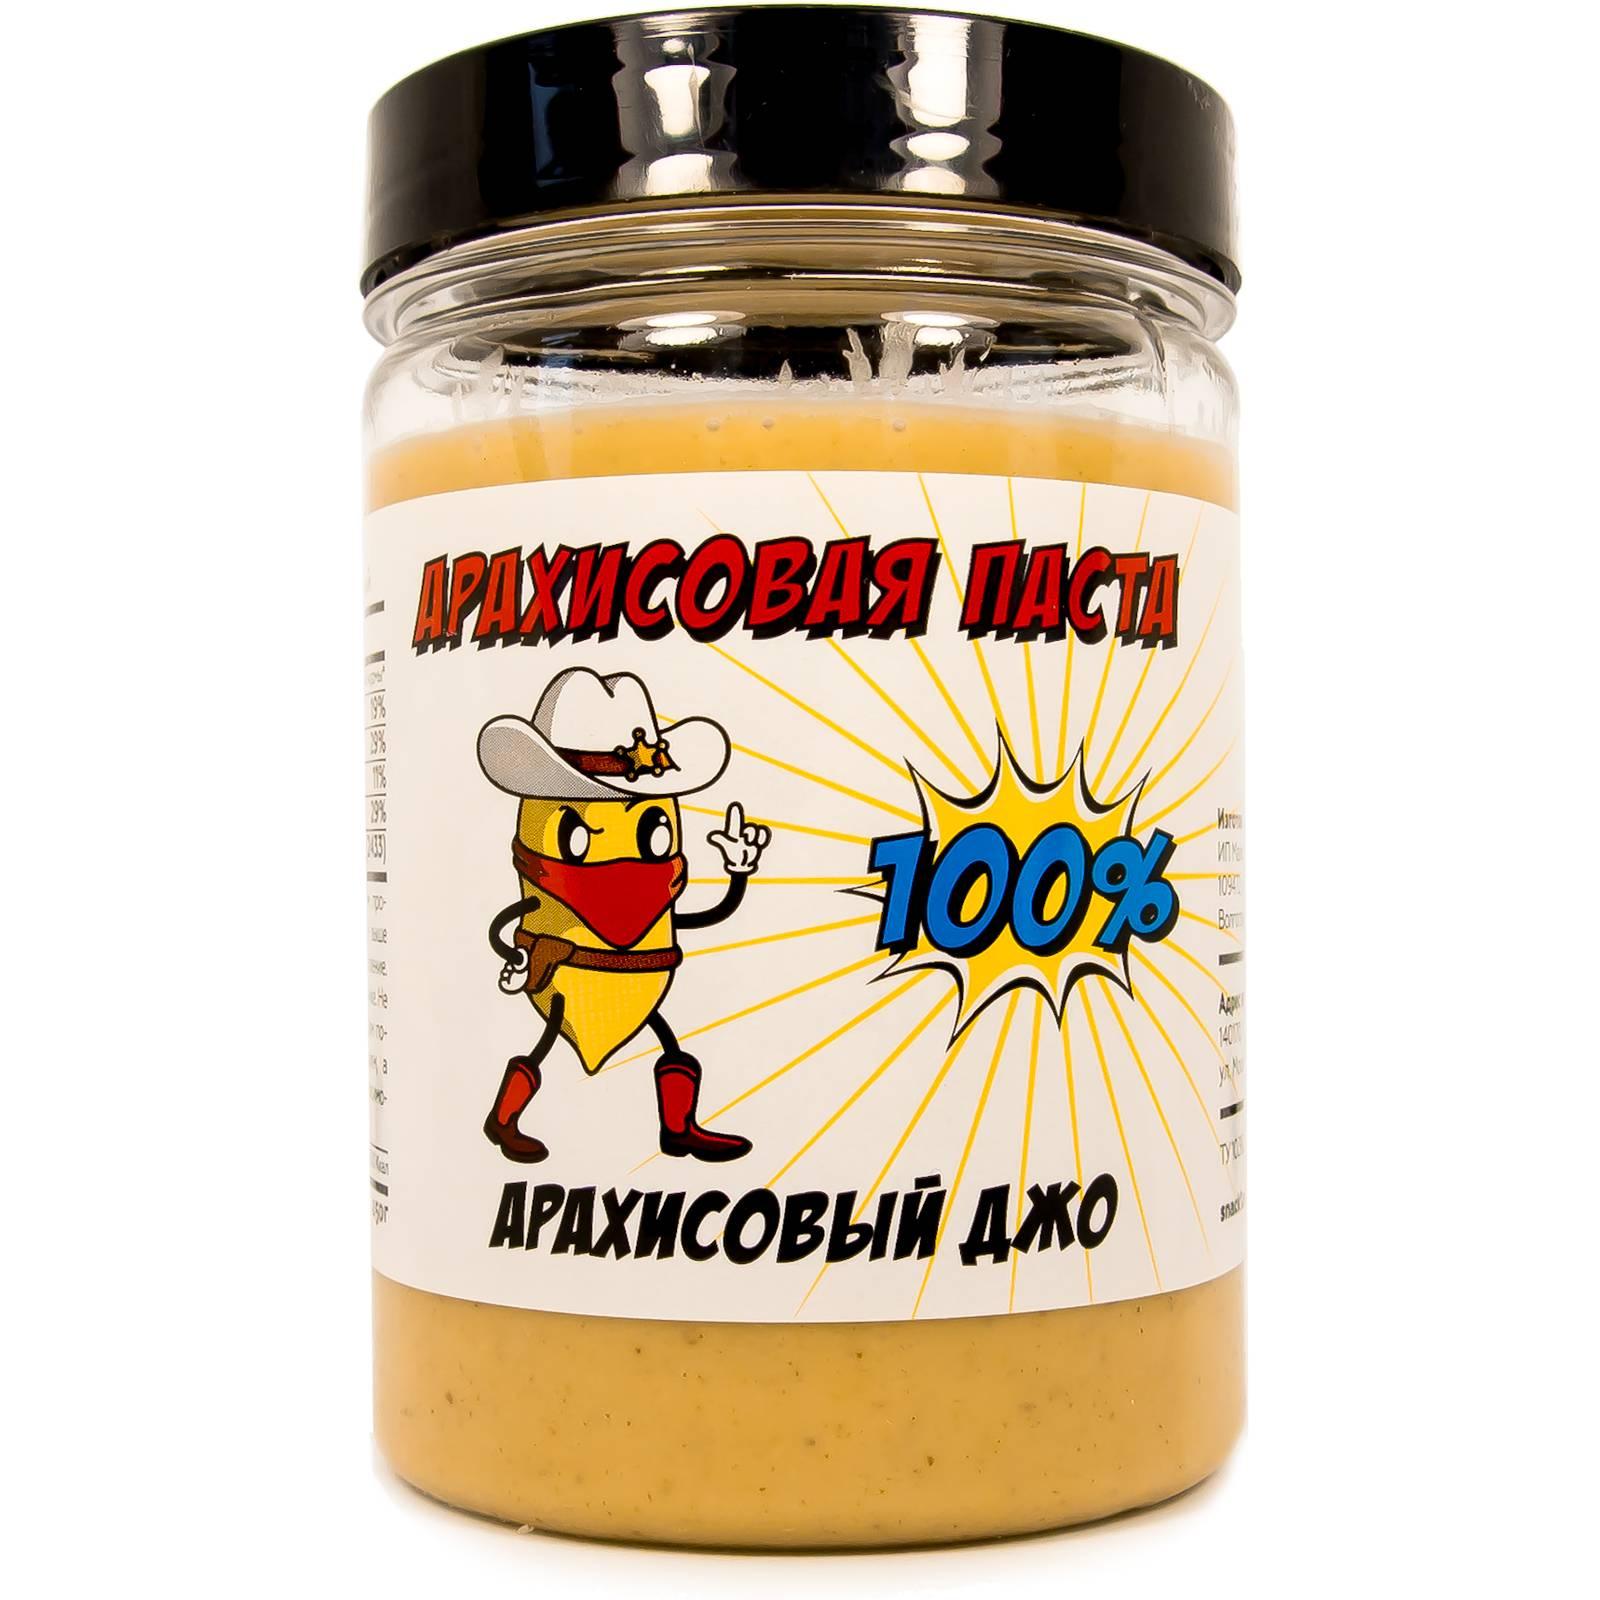 Арахисовая паста в домашних условиях – готовим без химии! рецепты домашней арахисовой пасты с сахаром, медом, какао, грецкими орехами